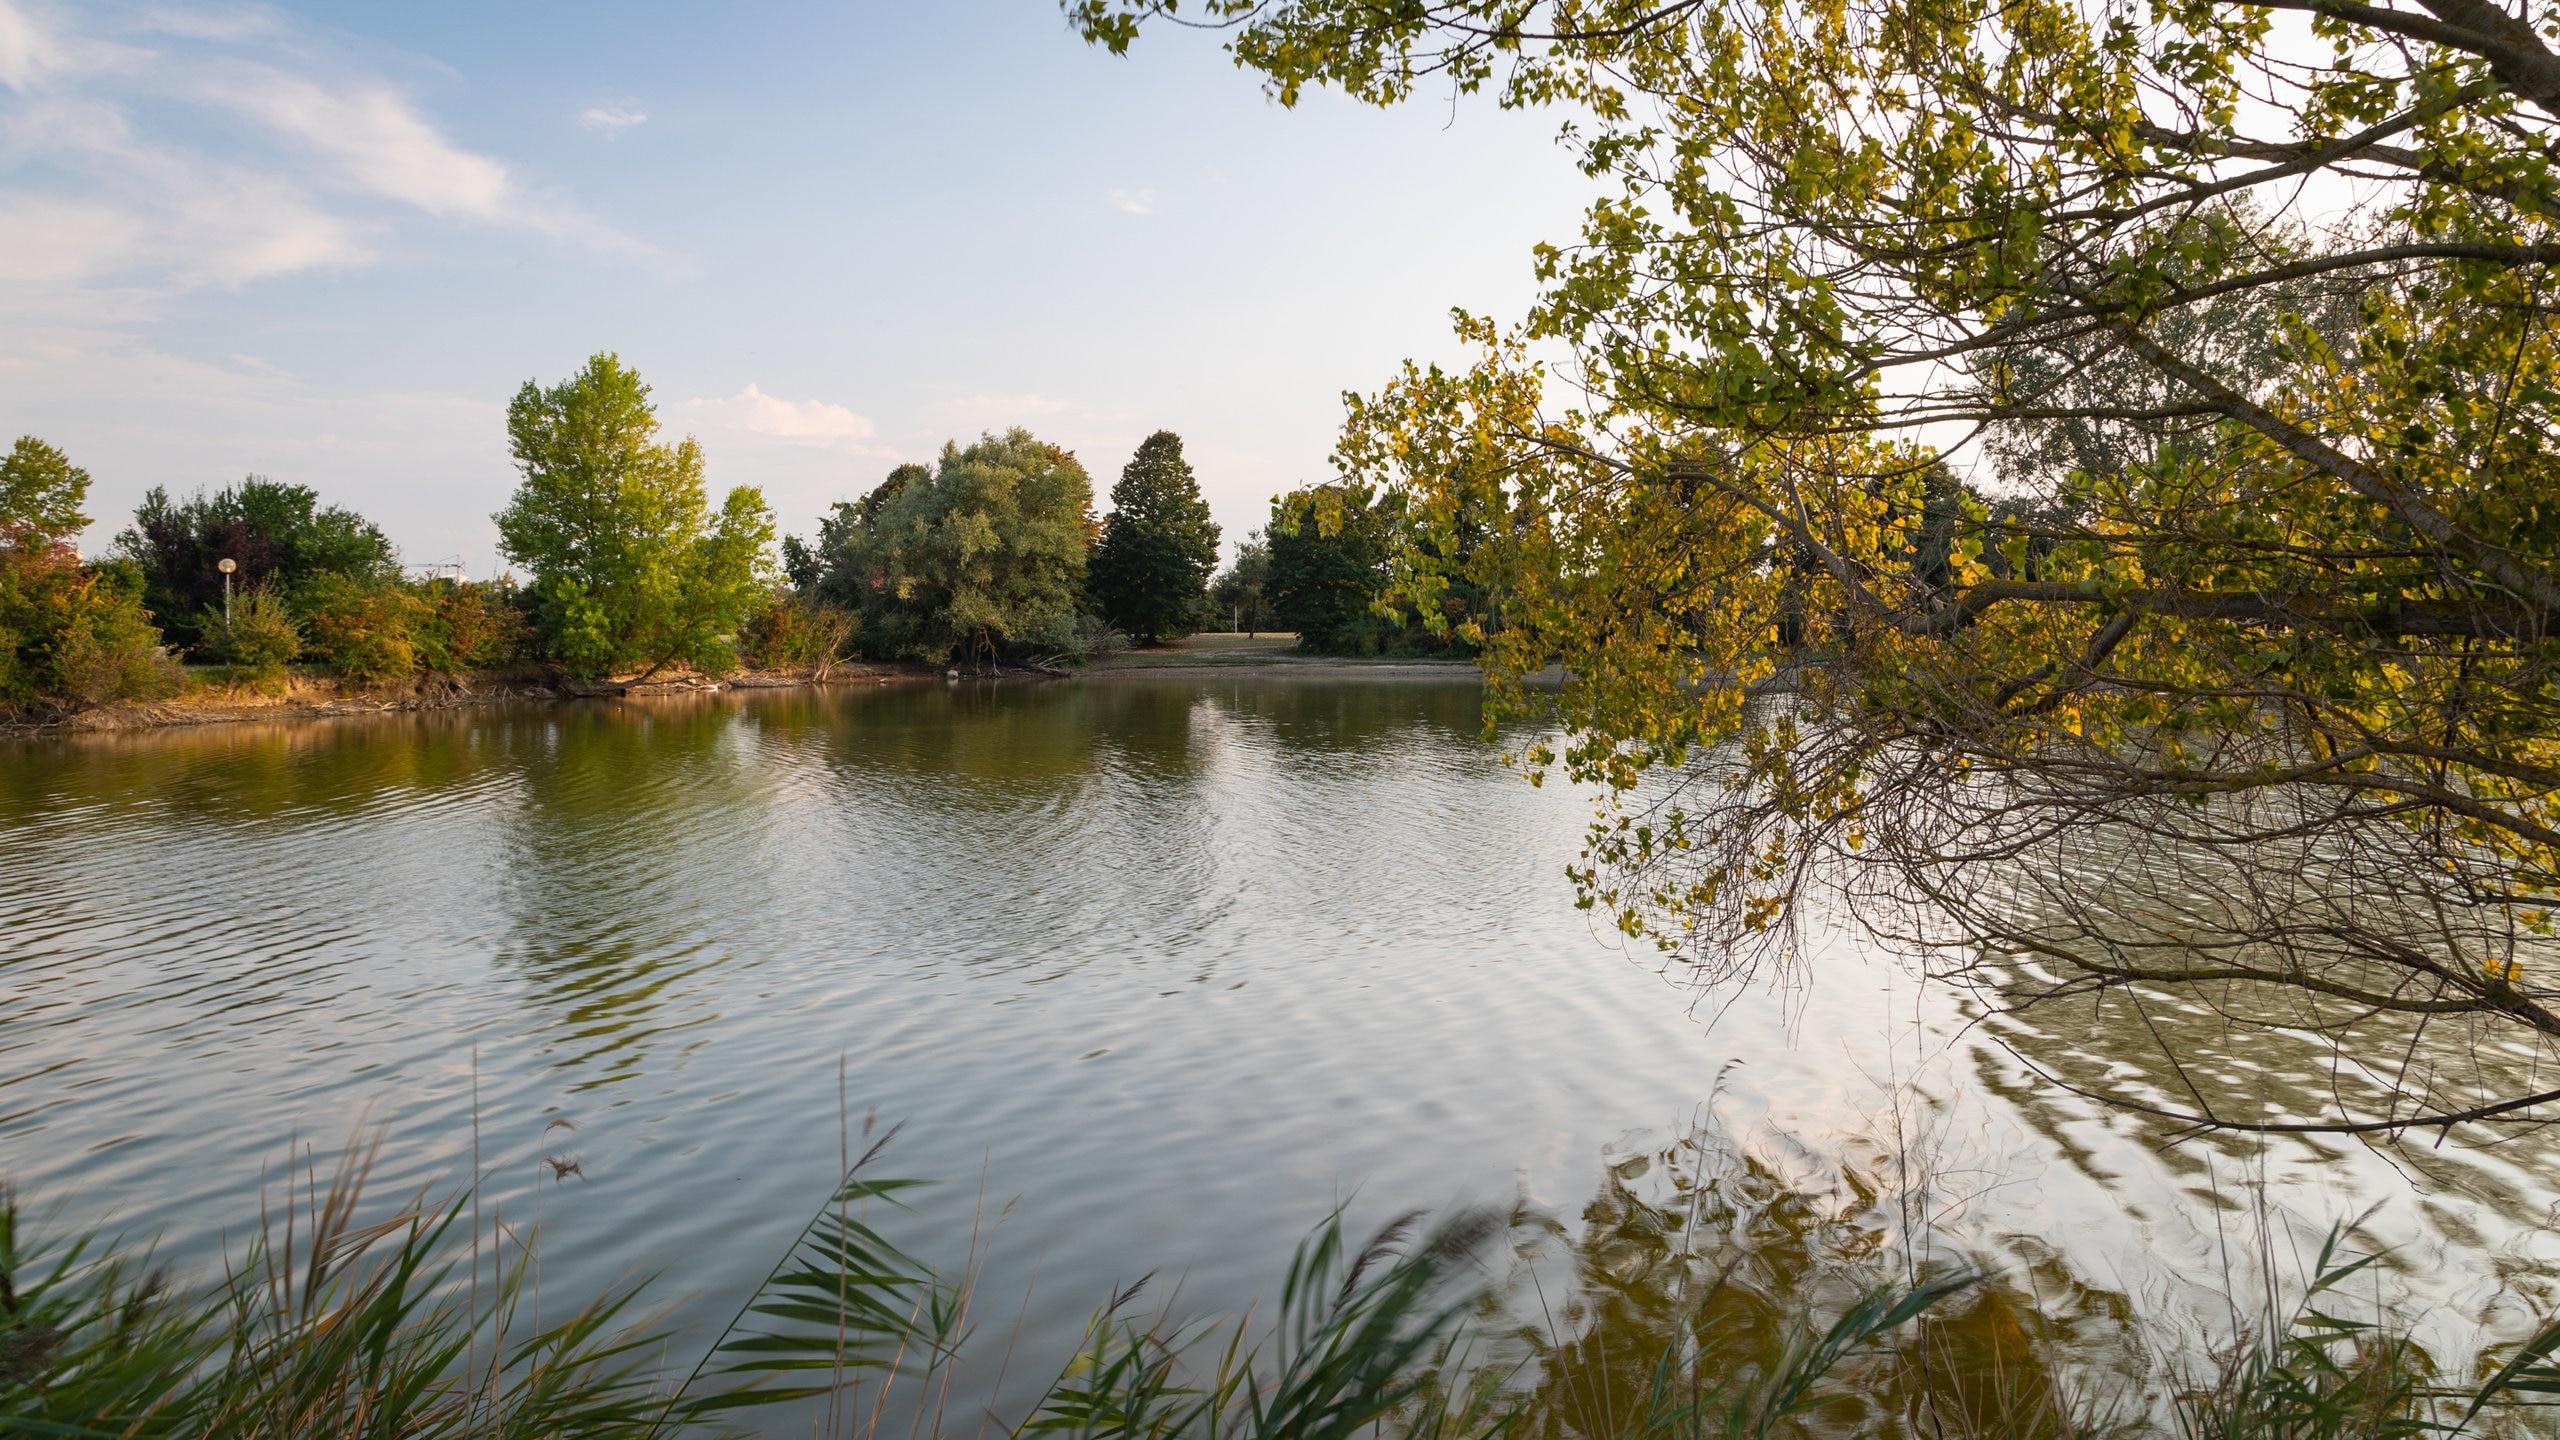 Staunen Sie über die vielfältige Pflanzenwelt von Levante Park, einer bezaubernden grünen Oase in Valverde. Schlendern Sie in dieser angesagten Gegend gemütlich an den wunderschönen Stränden entlang.